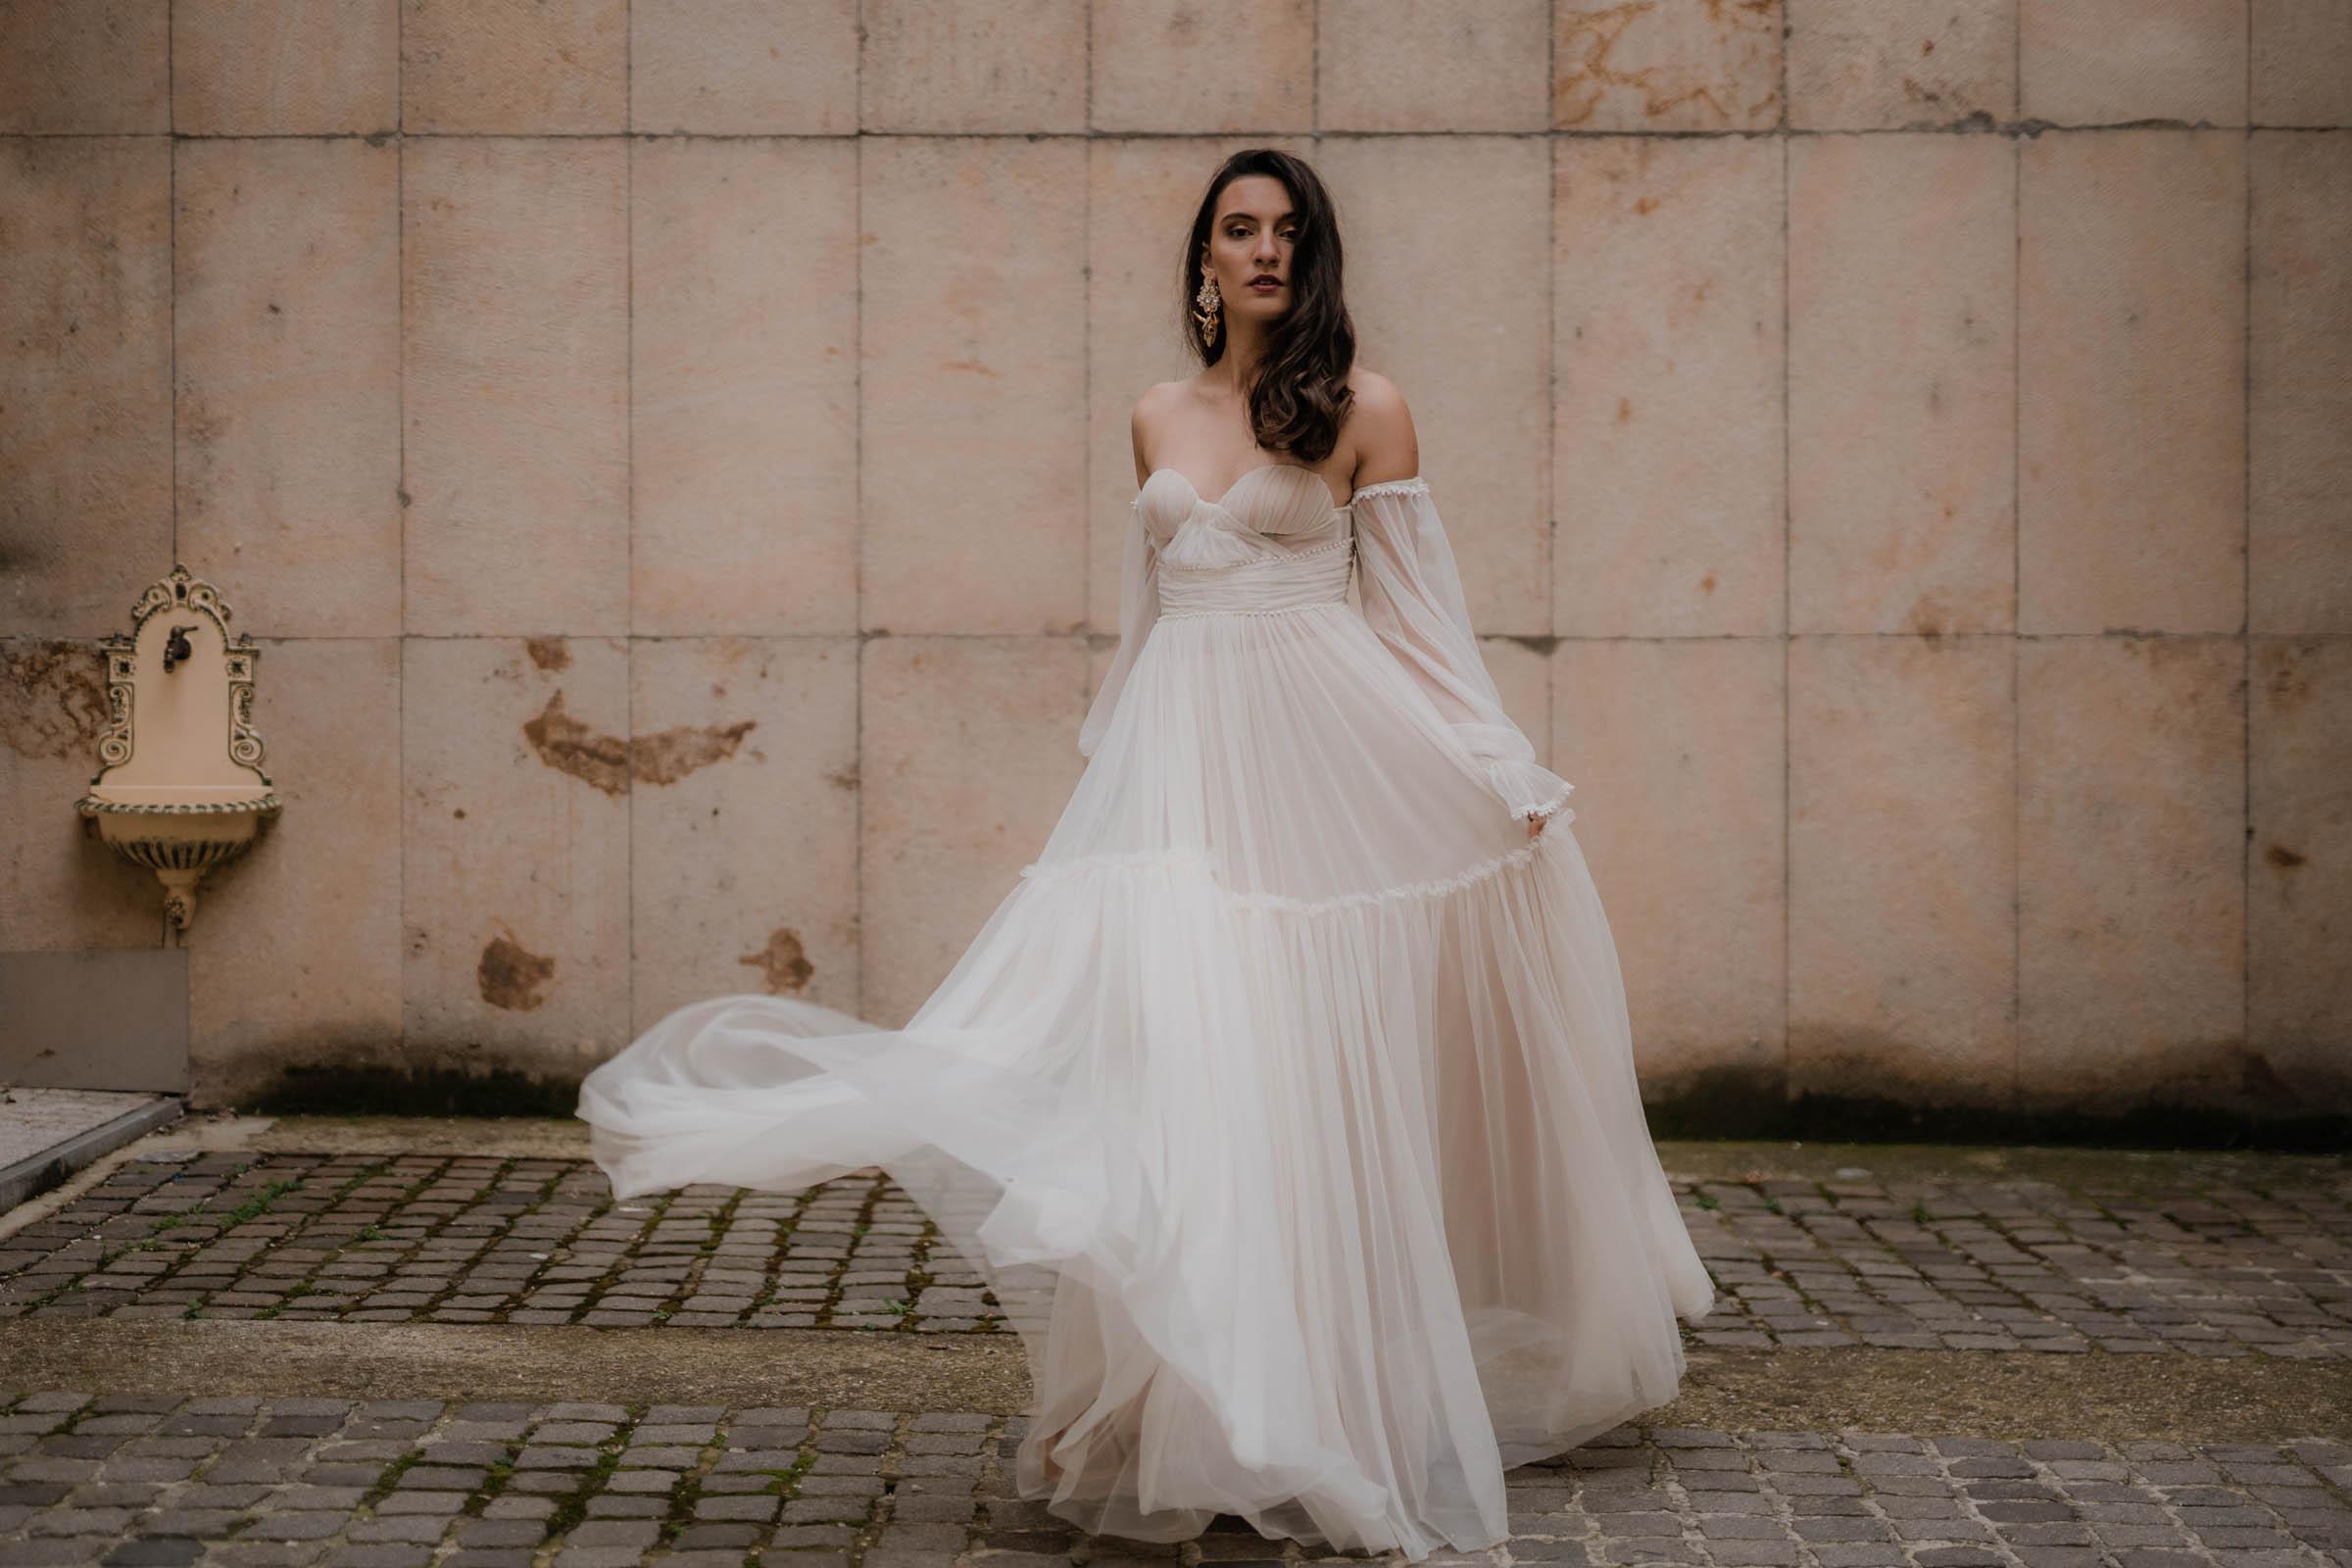 boho-svadobne-saty-veronika-kostkova-wedding-atelier-2019-isa-4